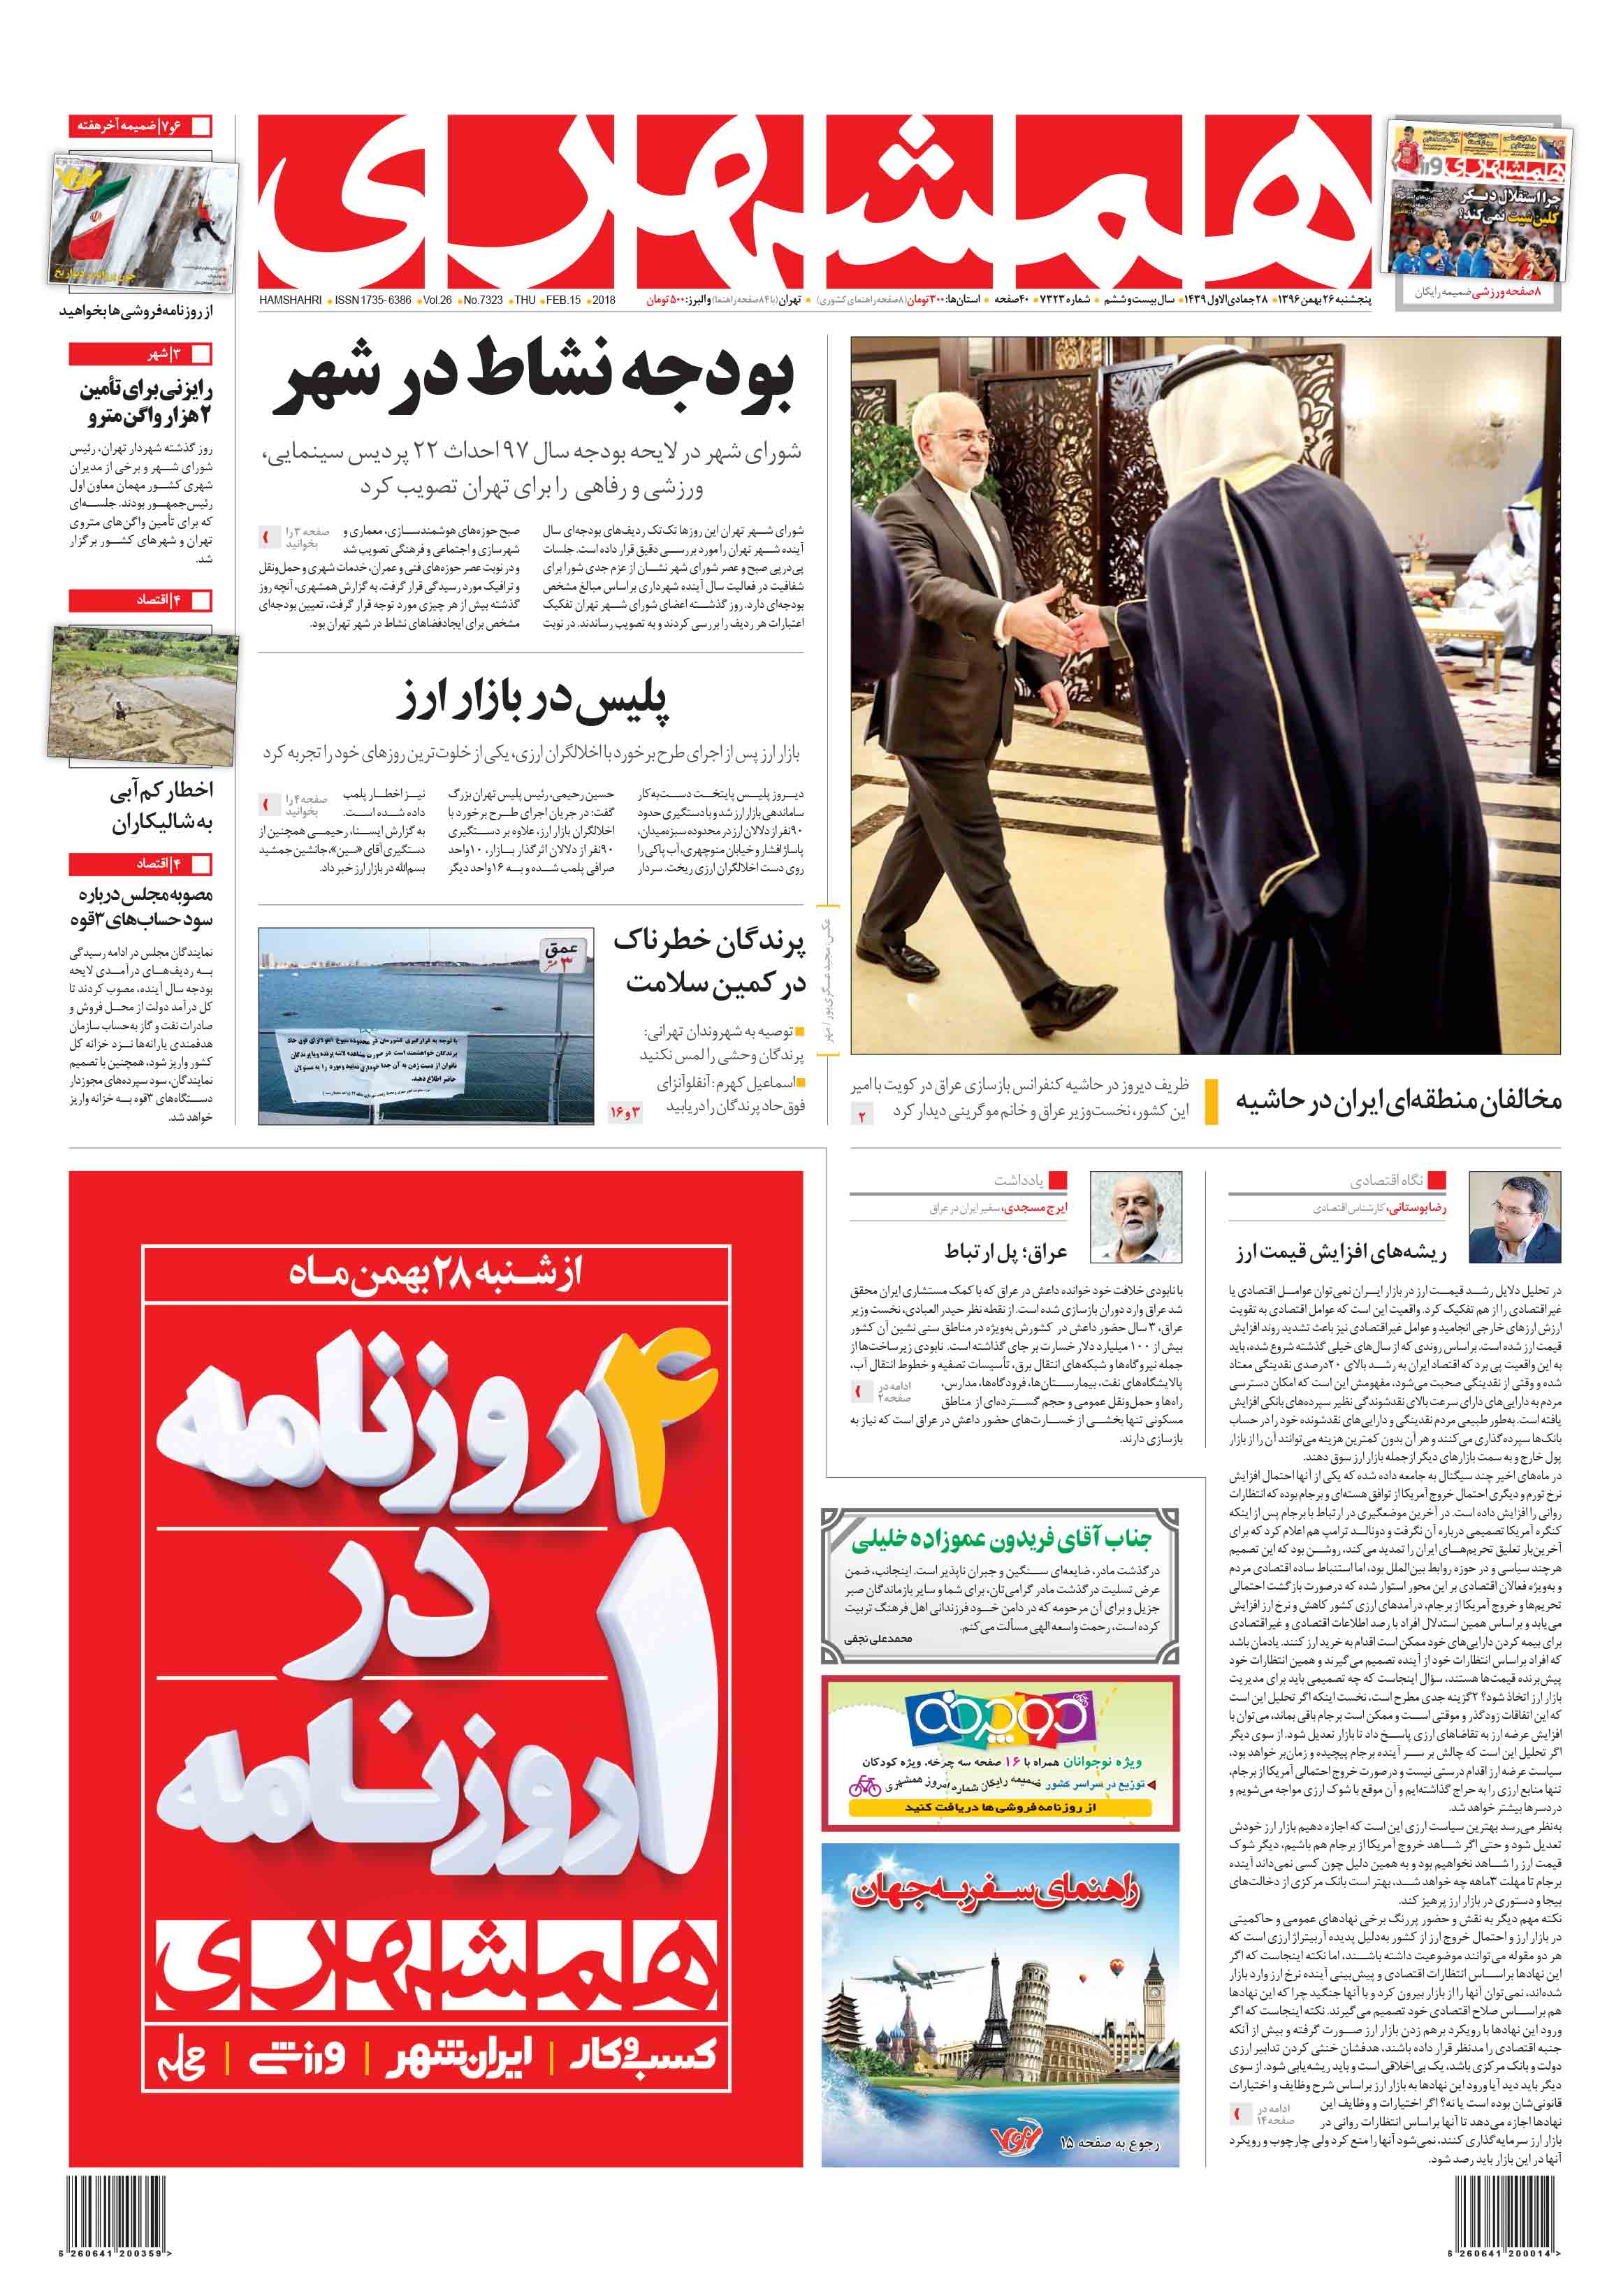 صفحه اول پنجشنبه 26 بهمنماه 1396